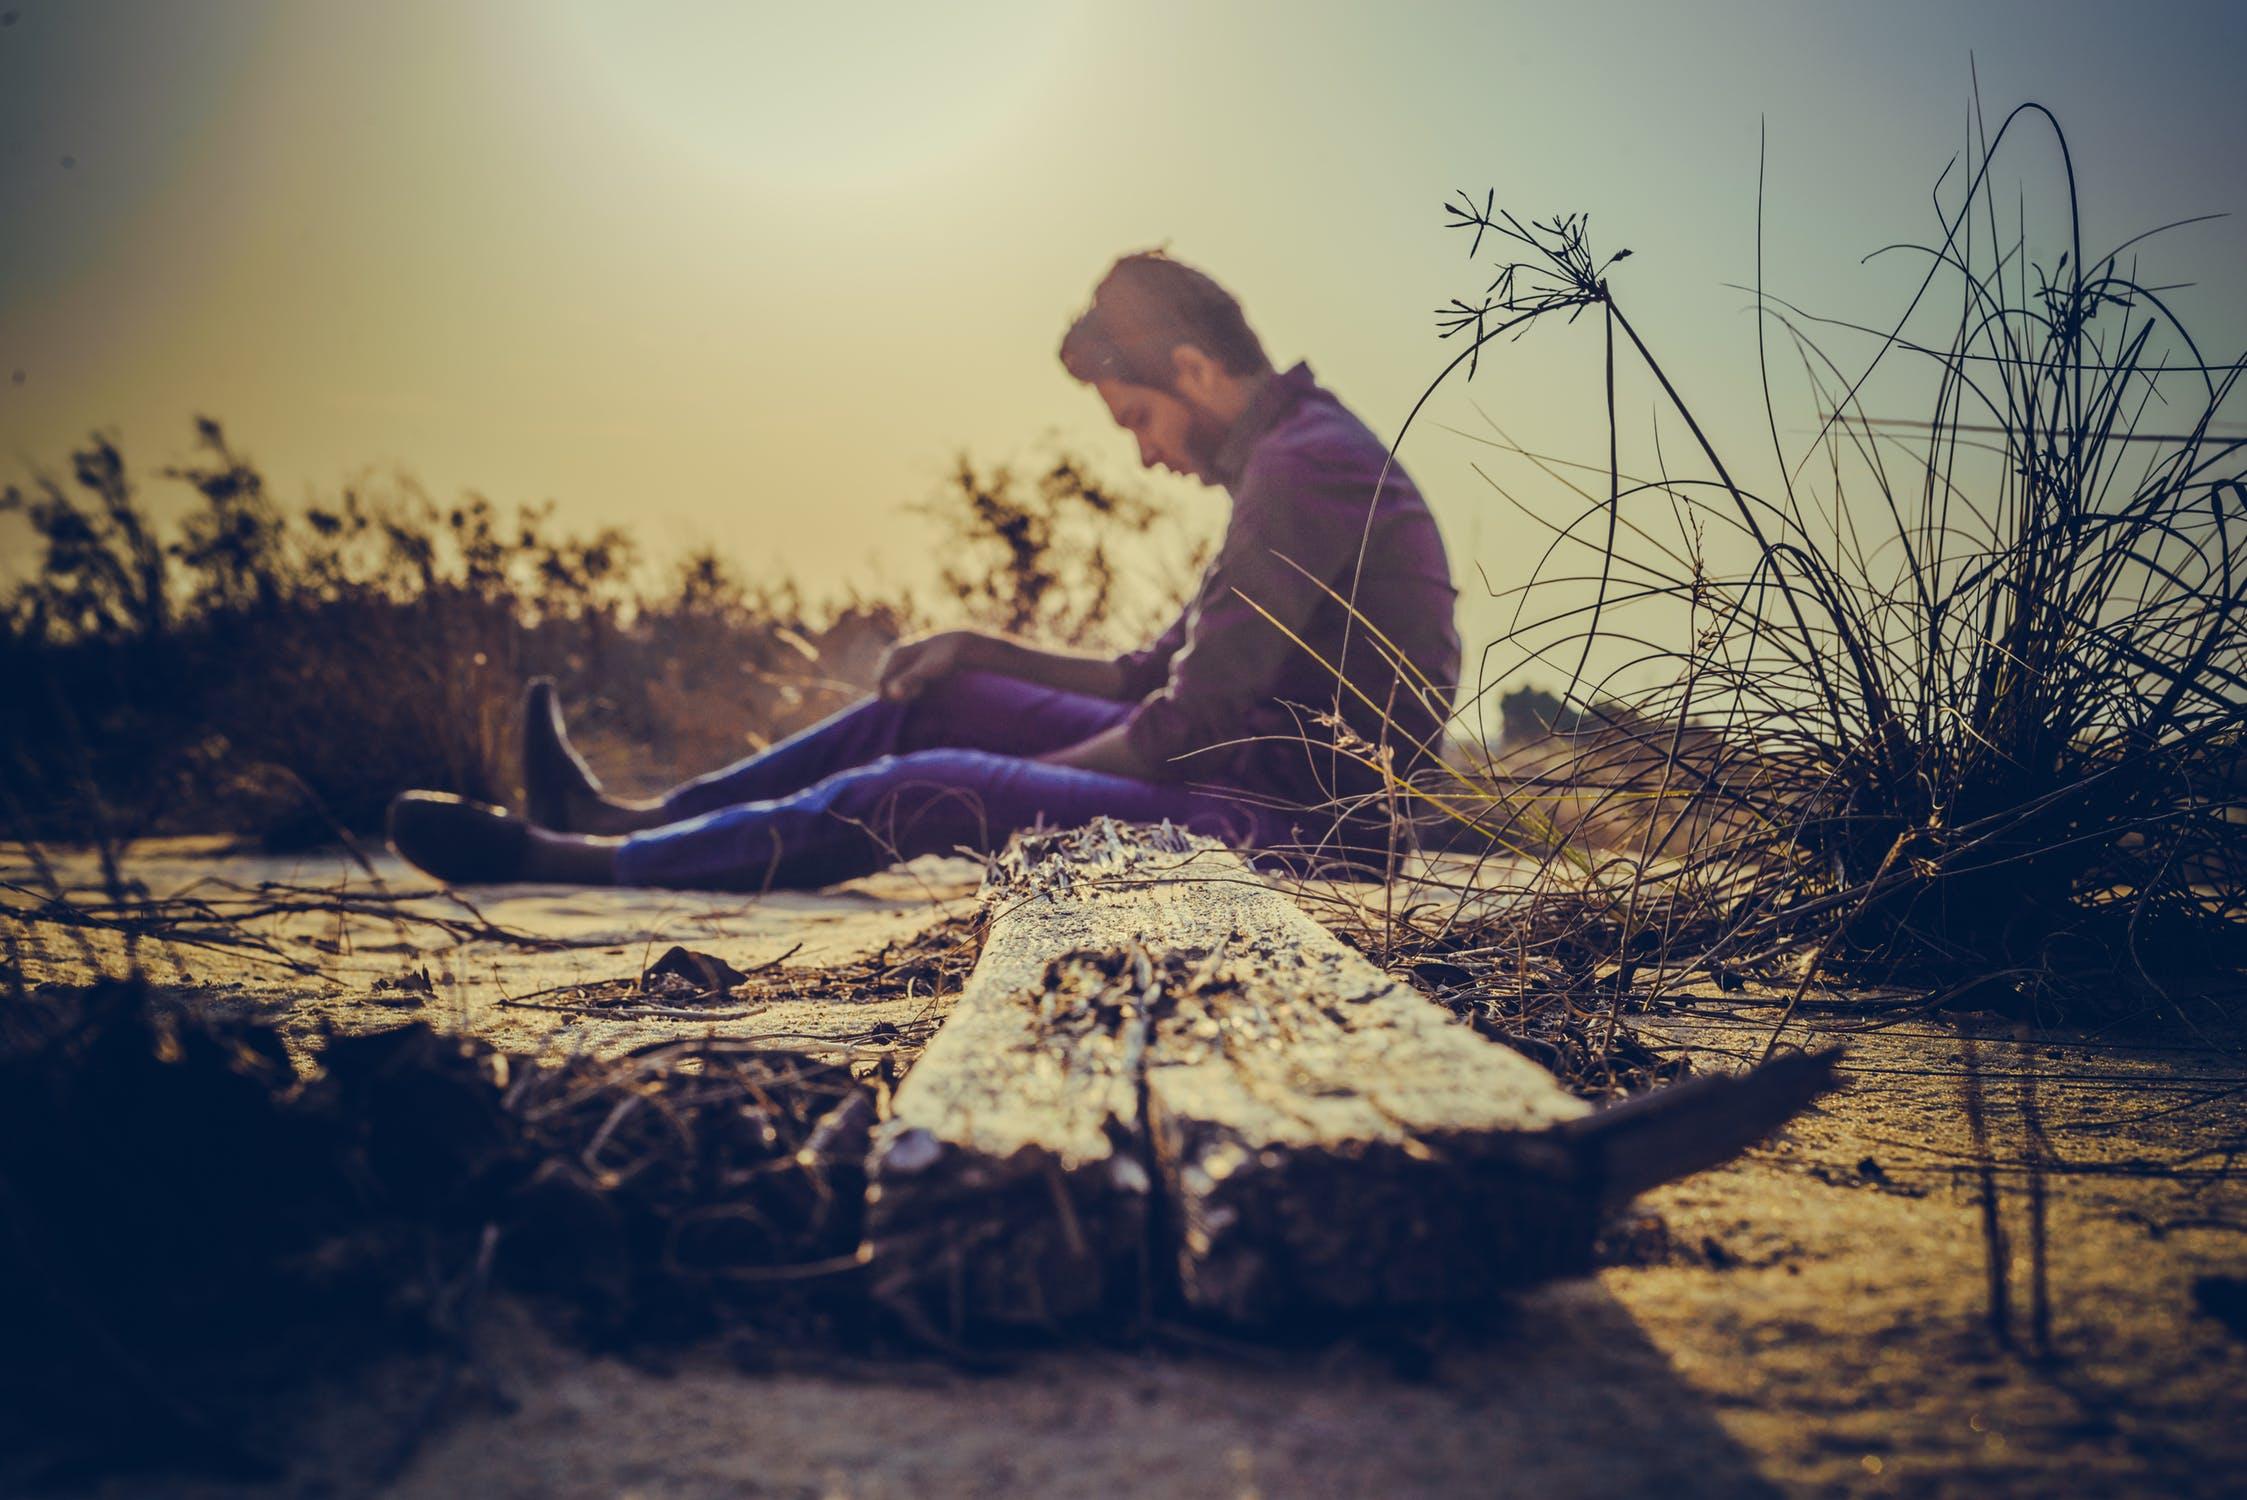 Σύνδρομο χρόνιας κόπωσης: είμαι συνεχώς κουρασμένος γιατρέ μου, που οφείλεται;